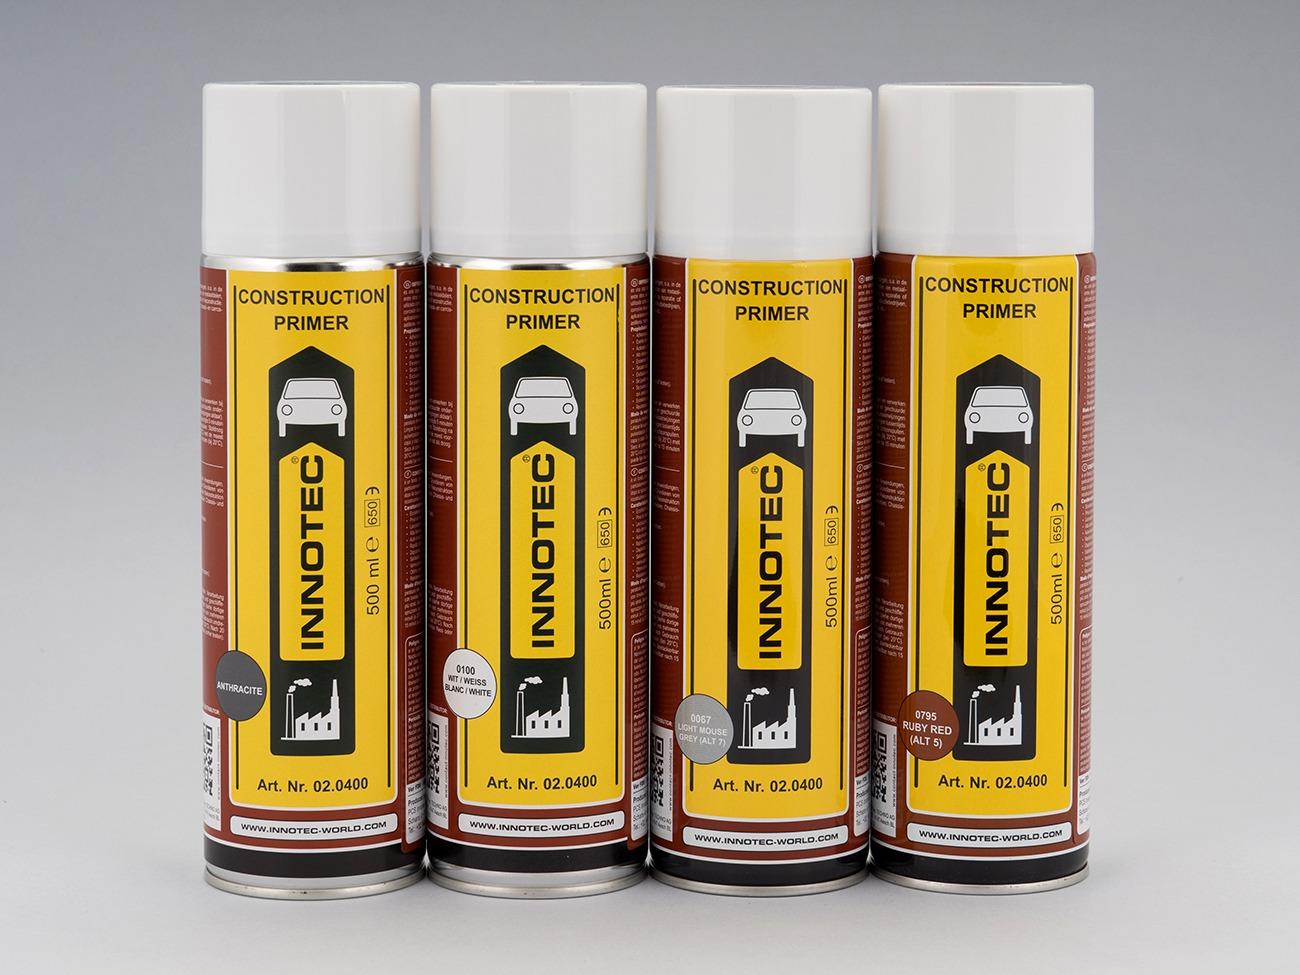 Fondo di protezione mono componente, isolare parti in metallo, protezione anti-corrosiva, riparazione, carrozzerie